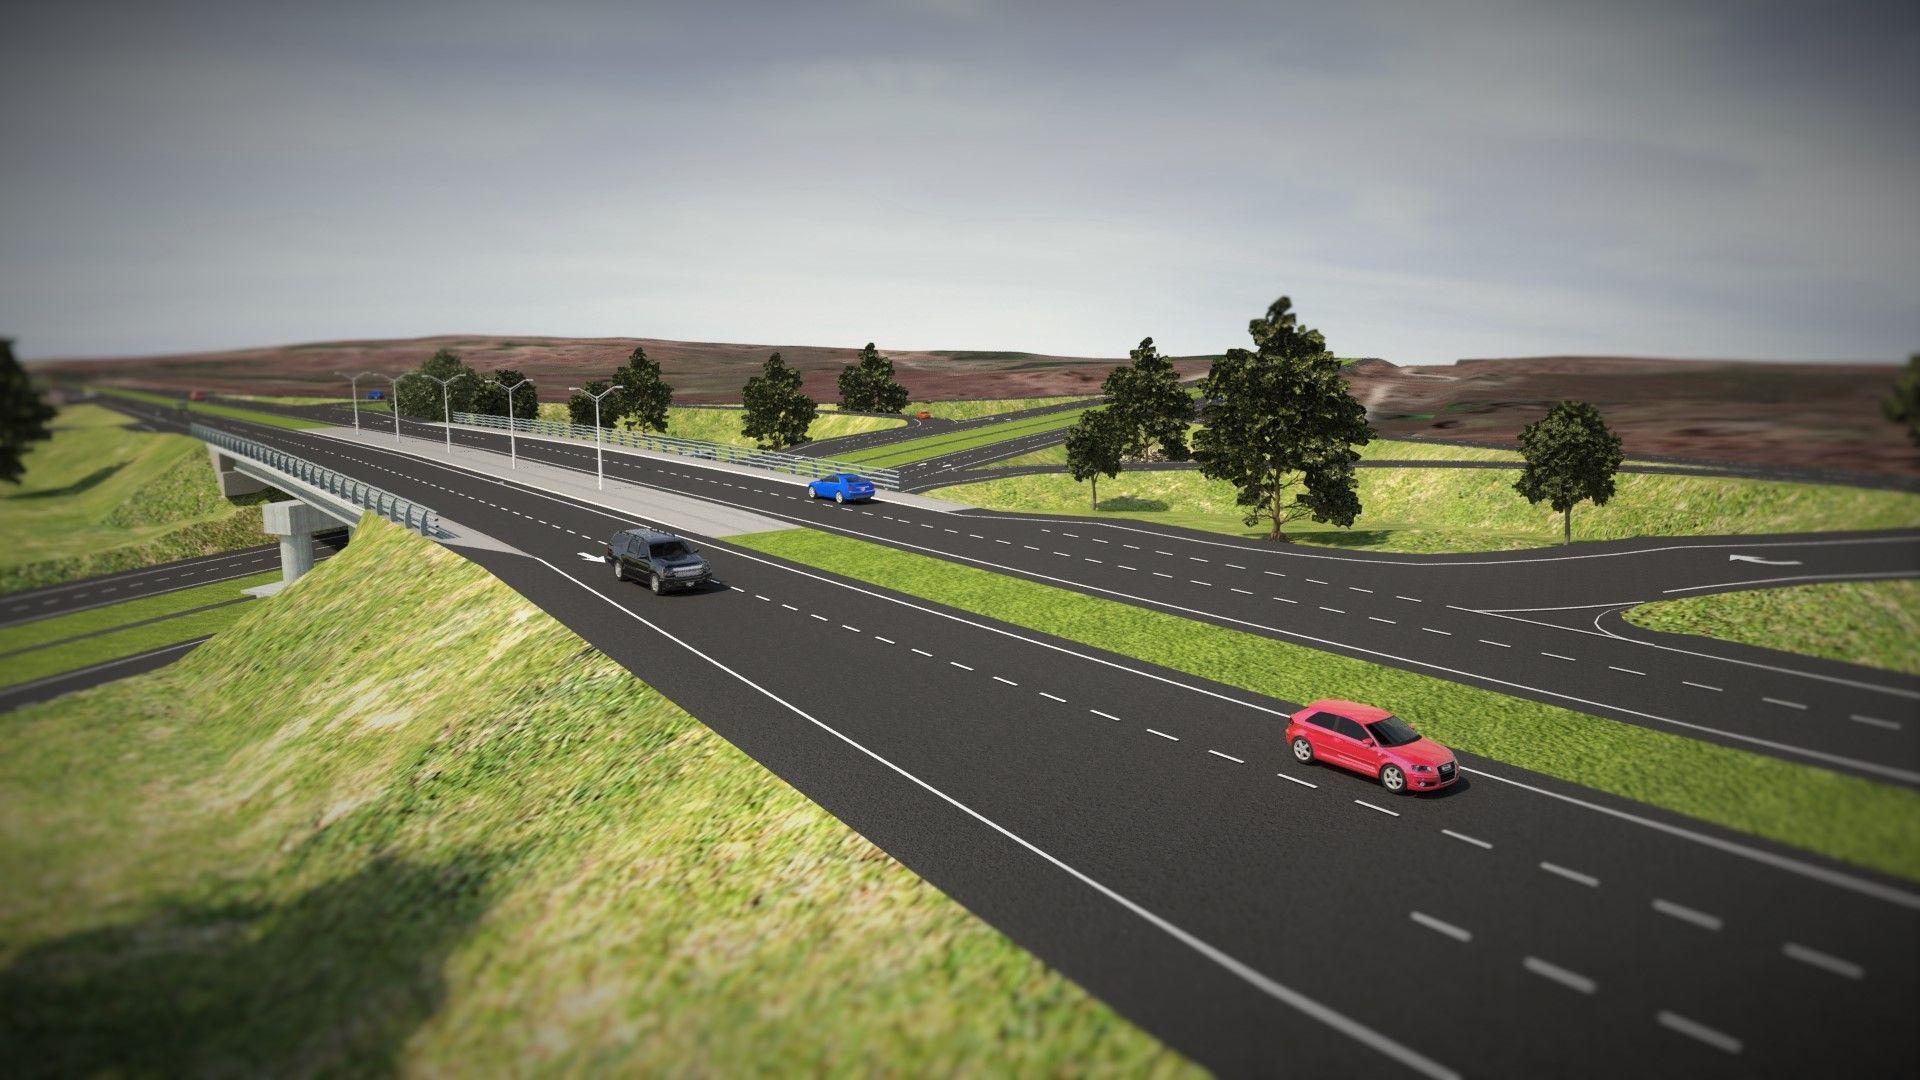 Proyecto de Carretera, de principio a fin, con Infraworks y Autocad Civil.